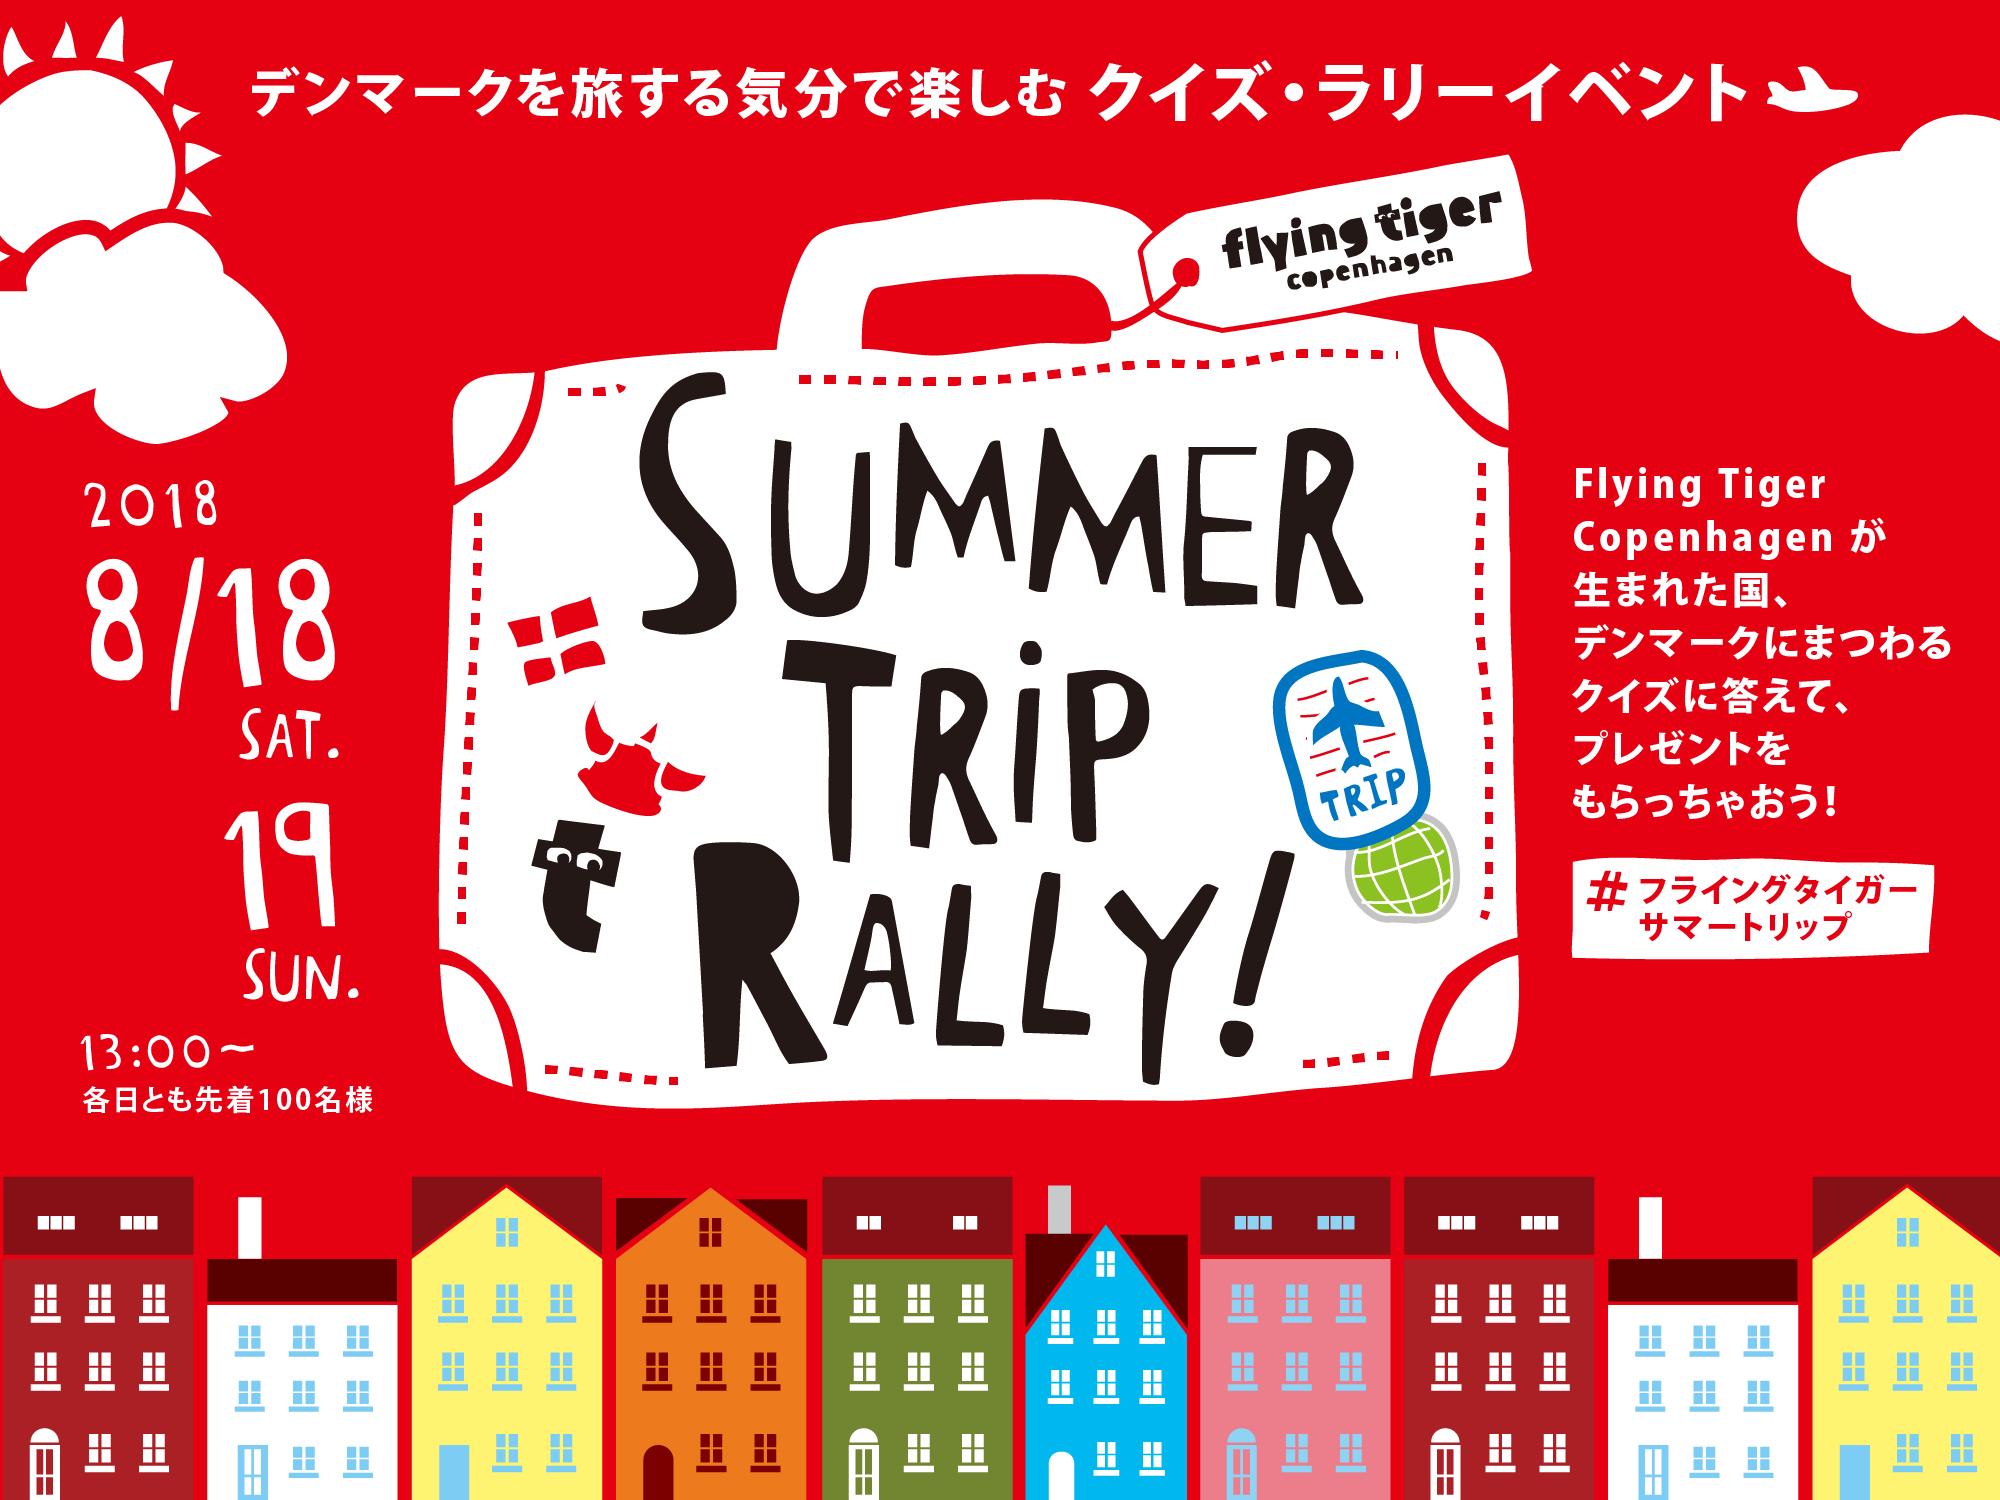 クイズラリーイベント『Summer Trip Rally!』